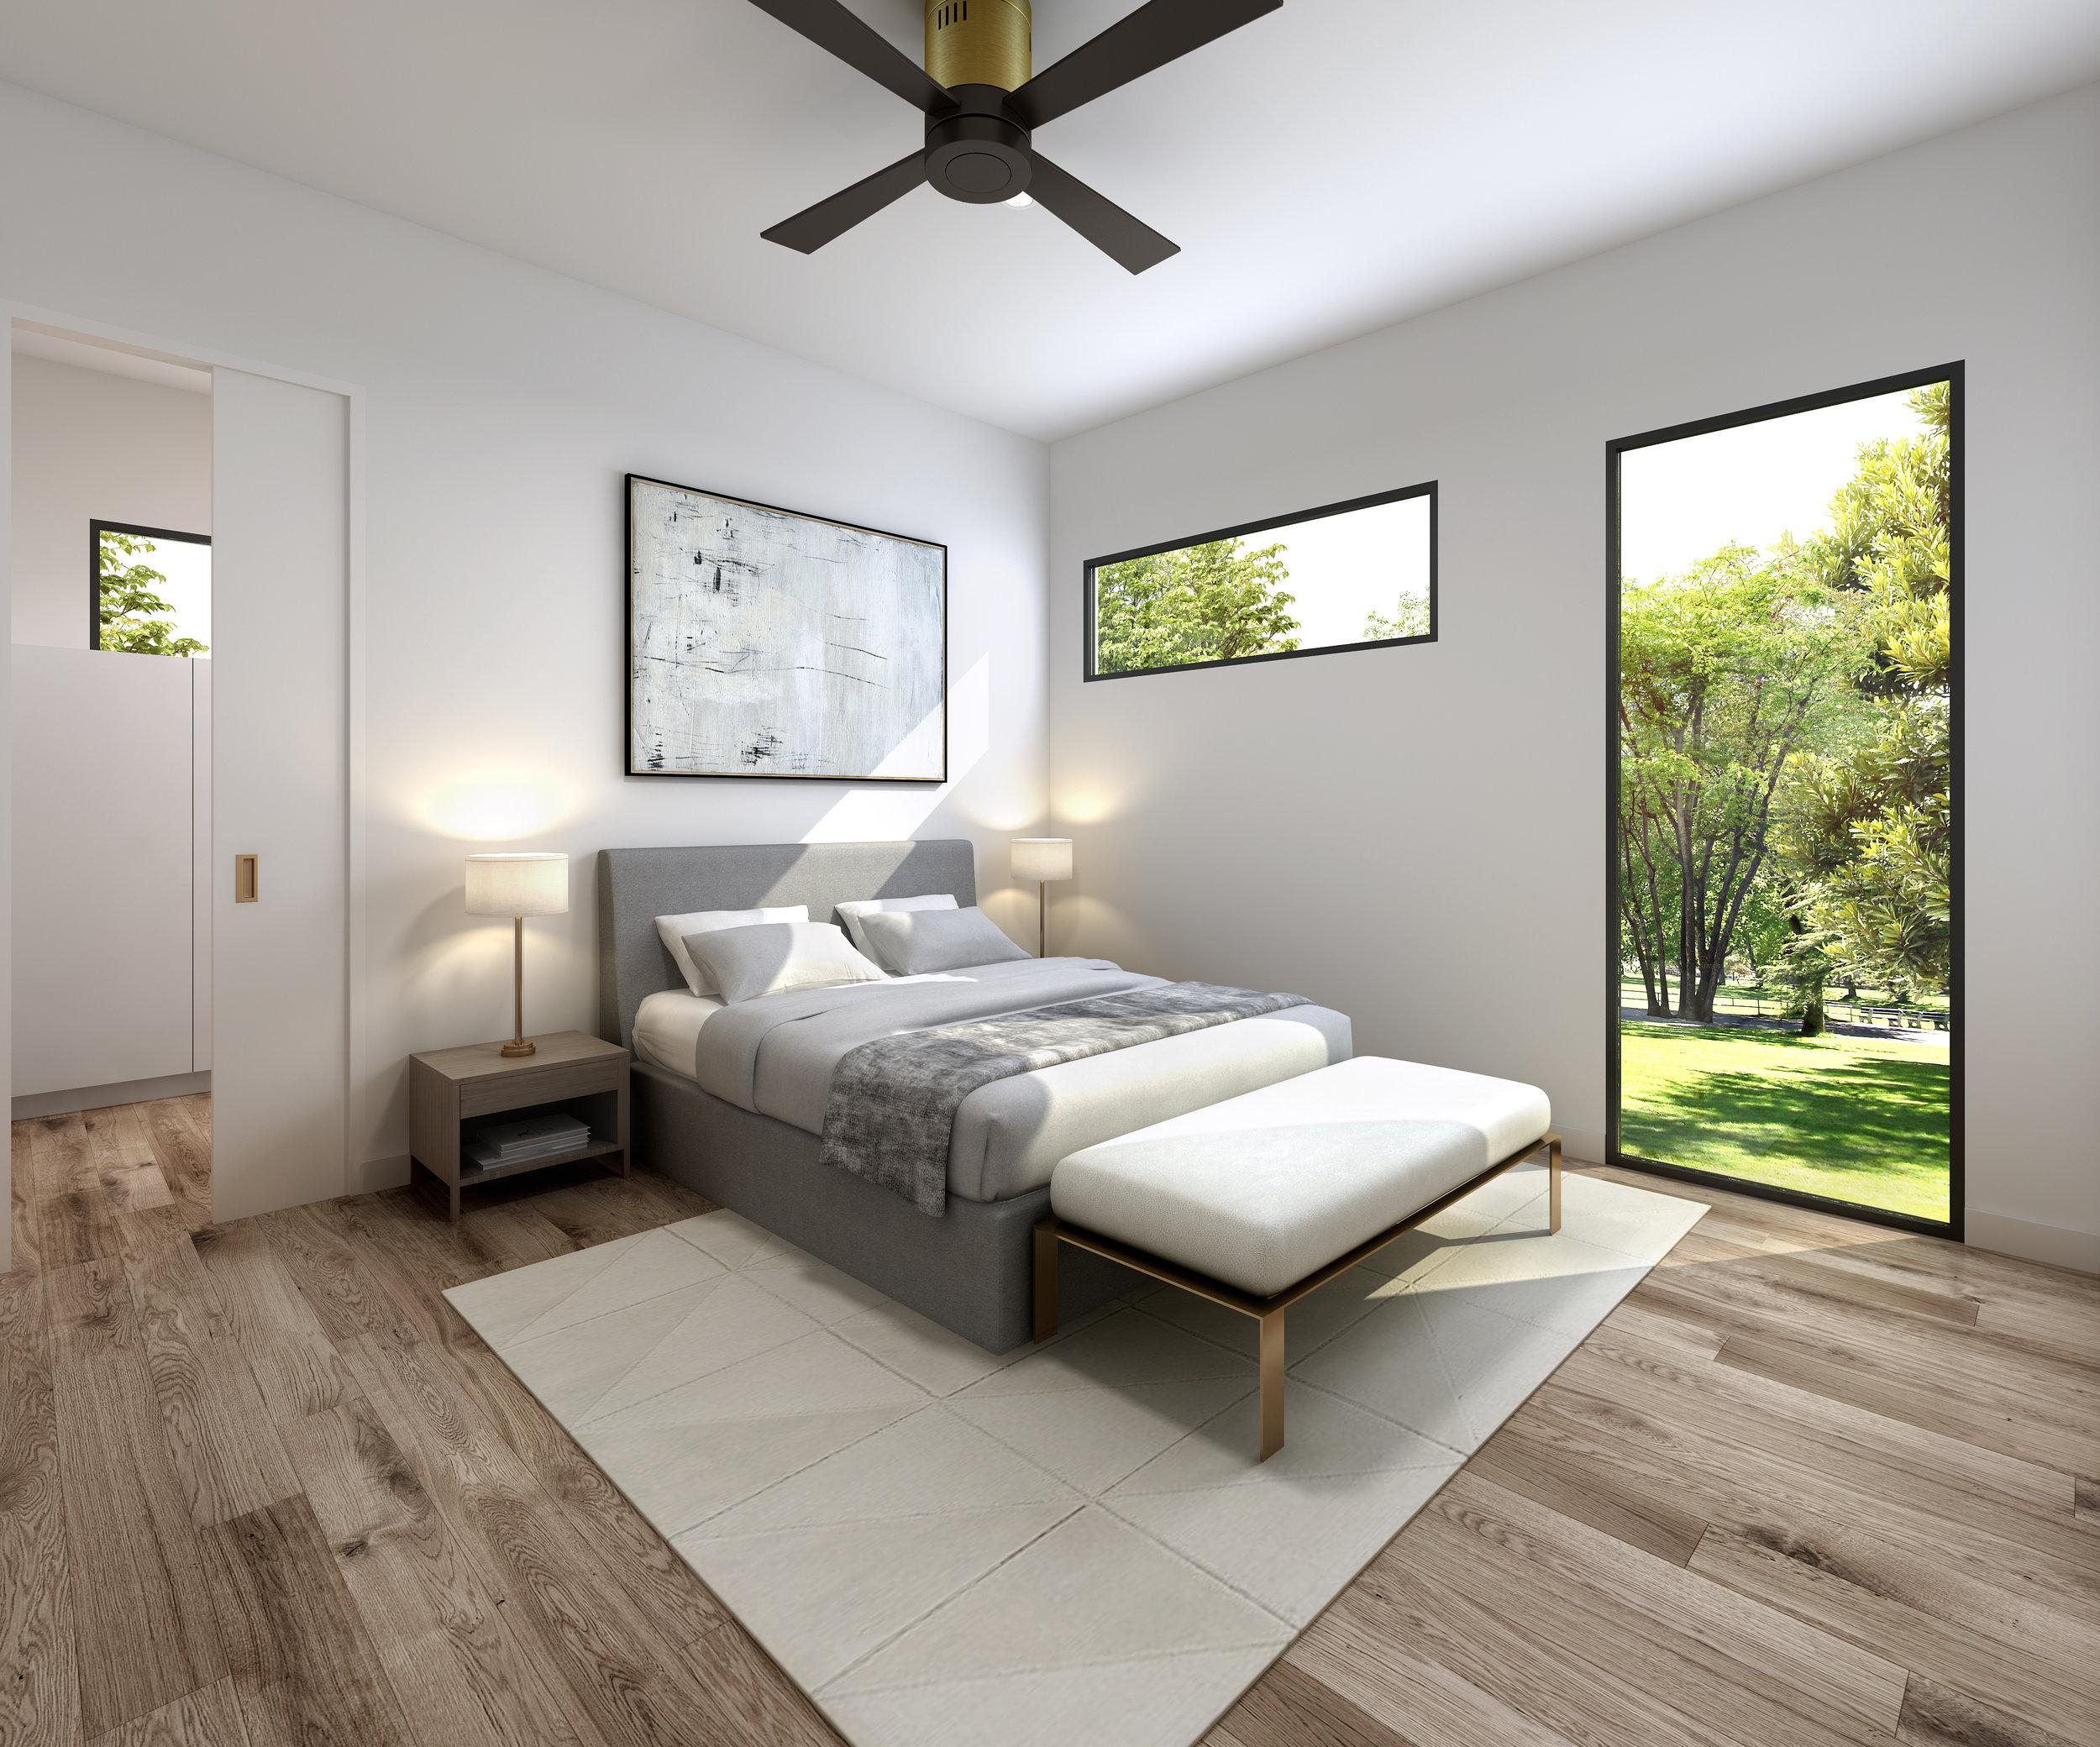 unit 11 bedroom.jpg